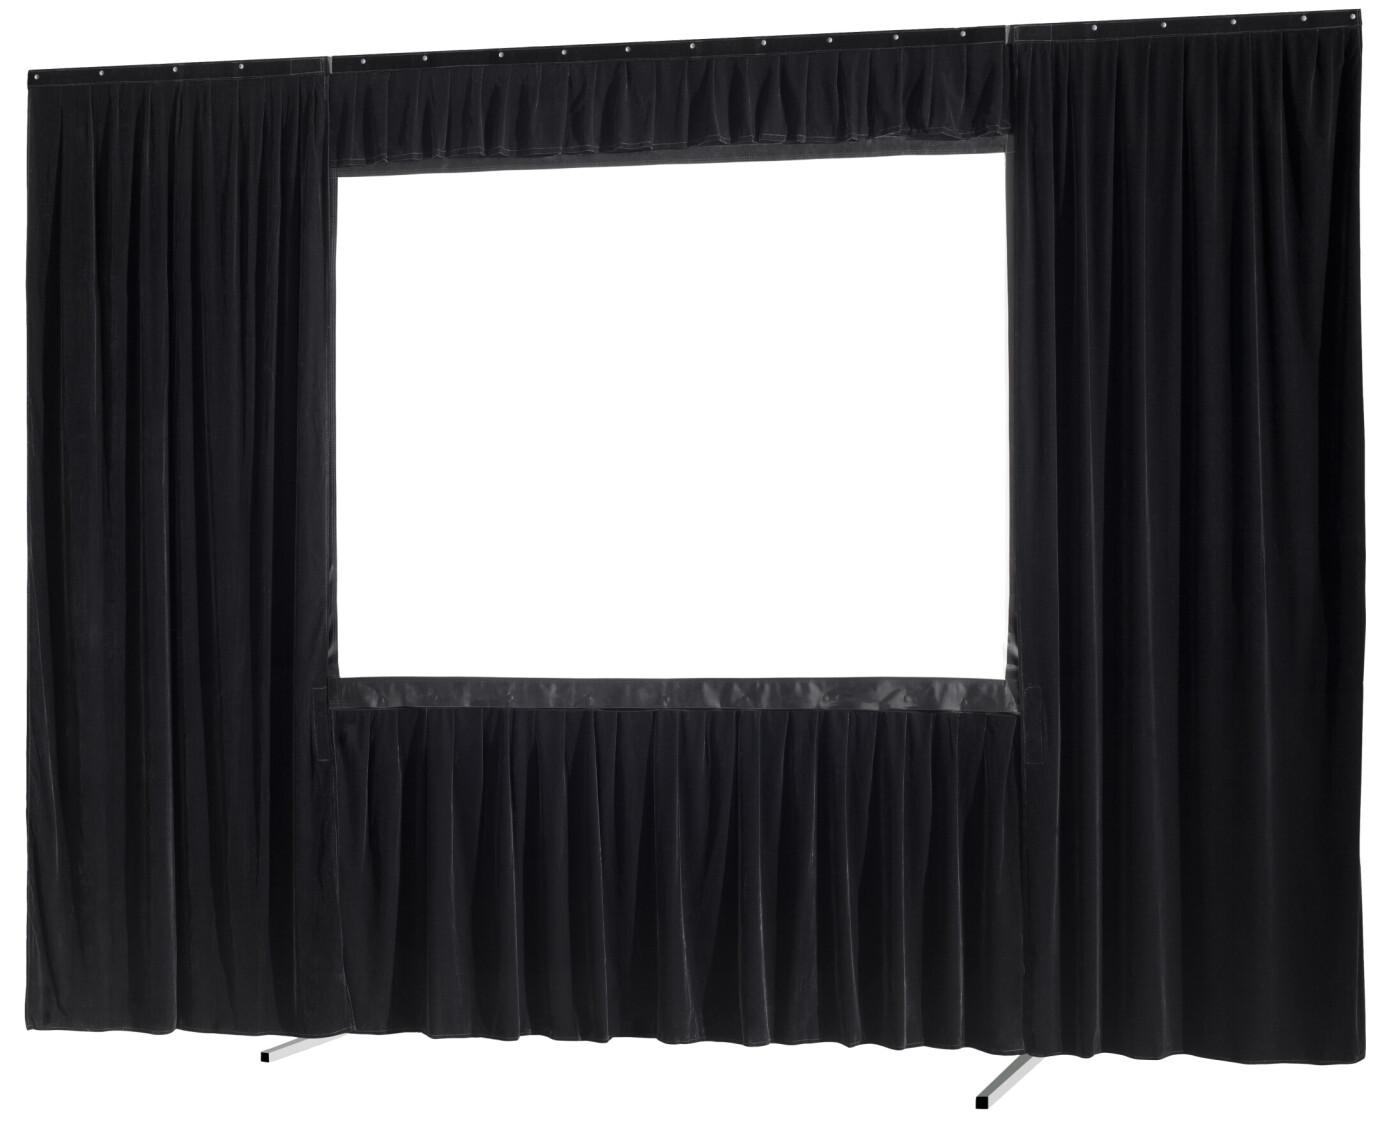 celexon drape kit 4-delig voor Mobil Expert spanscherm 244 x 137 cm